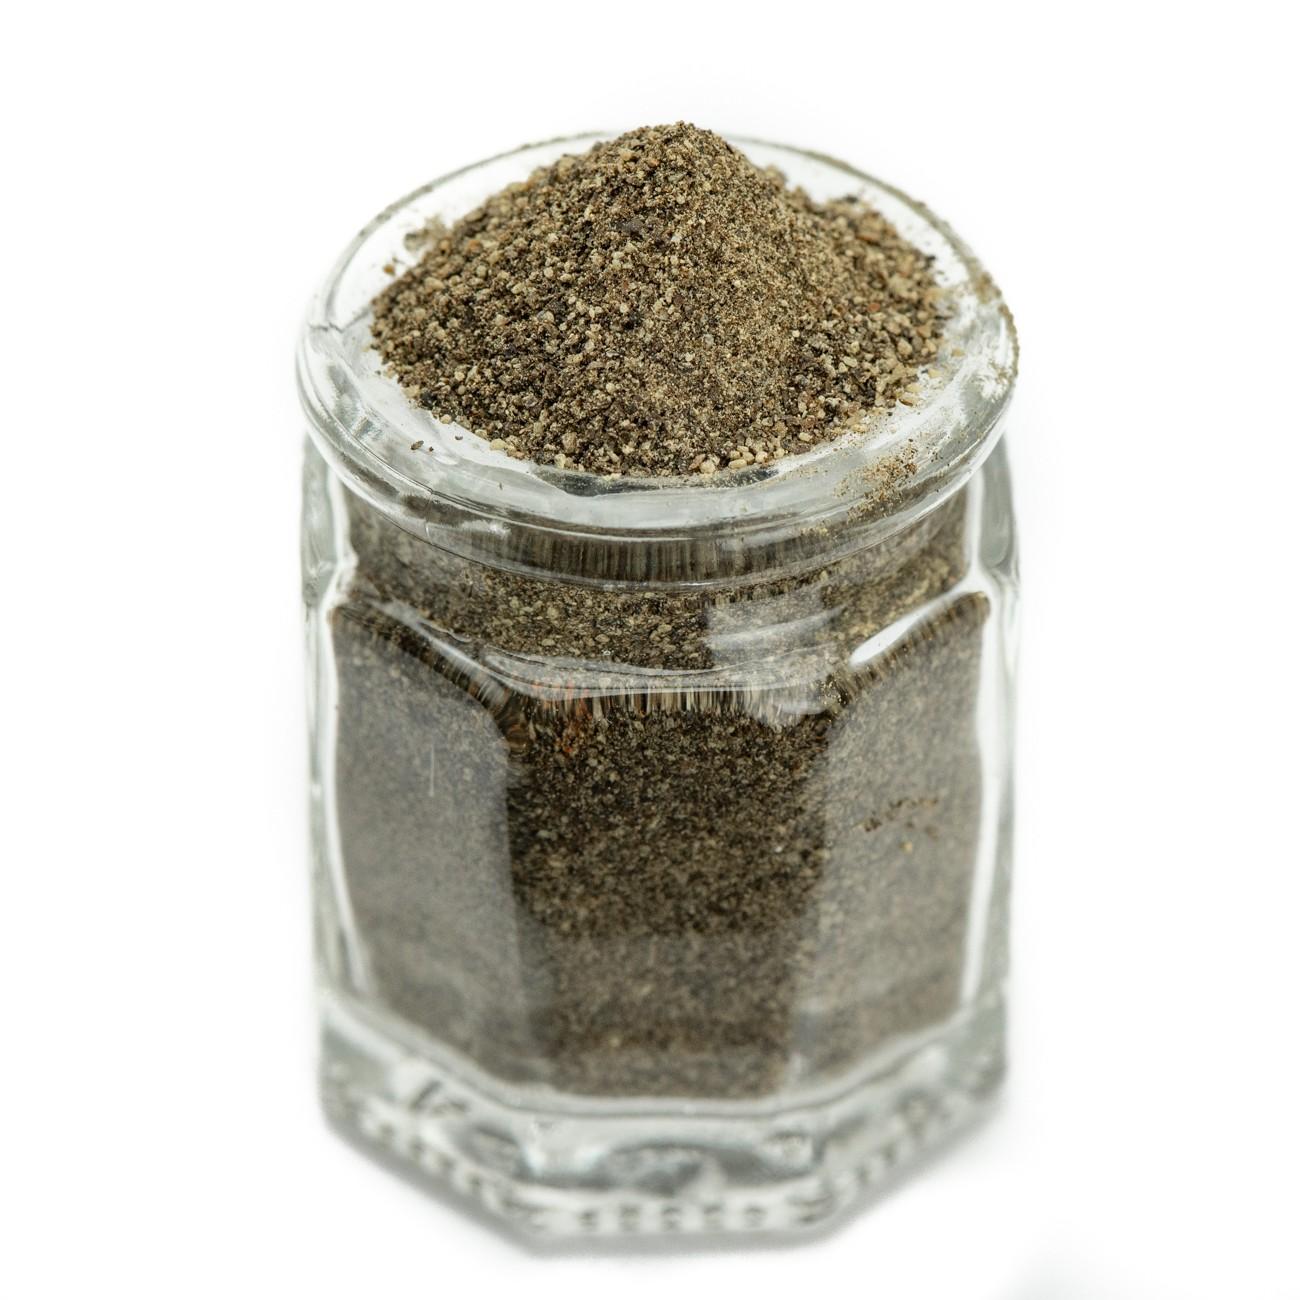 Πιπέρι Μαύρο (τριμ.) Βιετνάμ Pepper Black (powder)